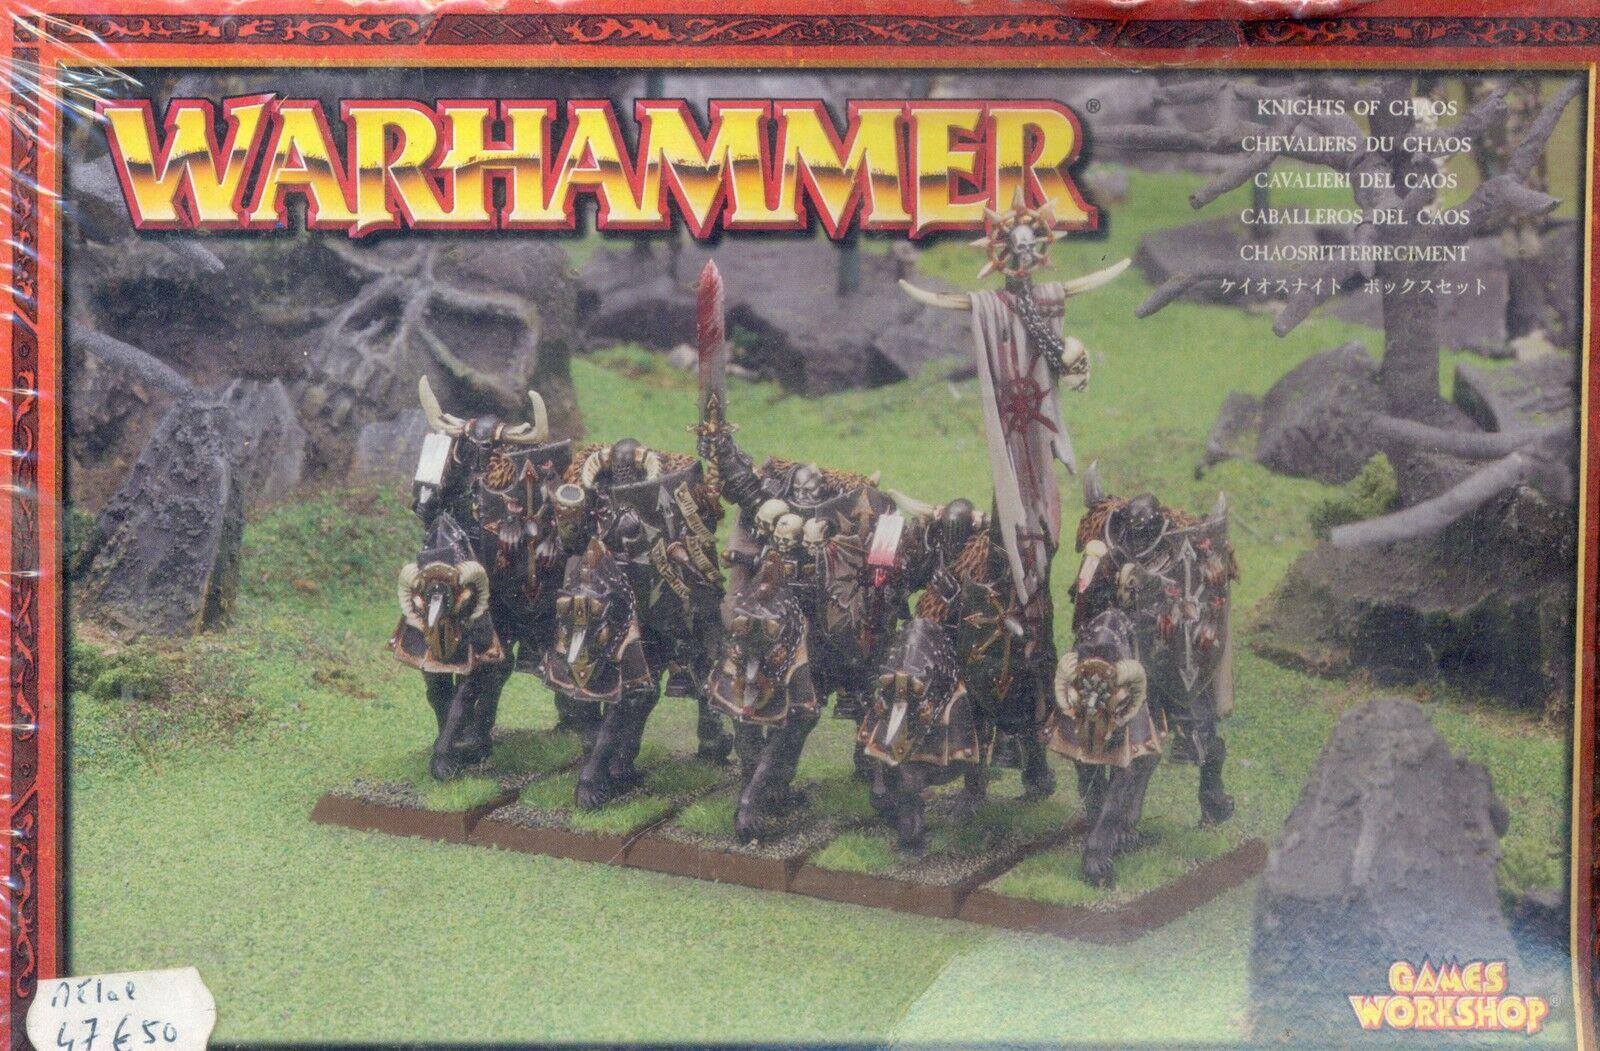 Gw warhammer boîte chevaliers du chaos aus.